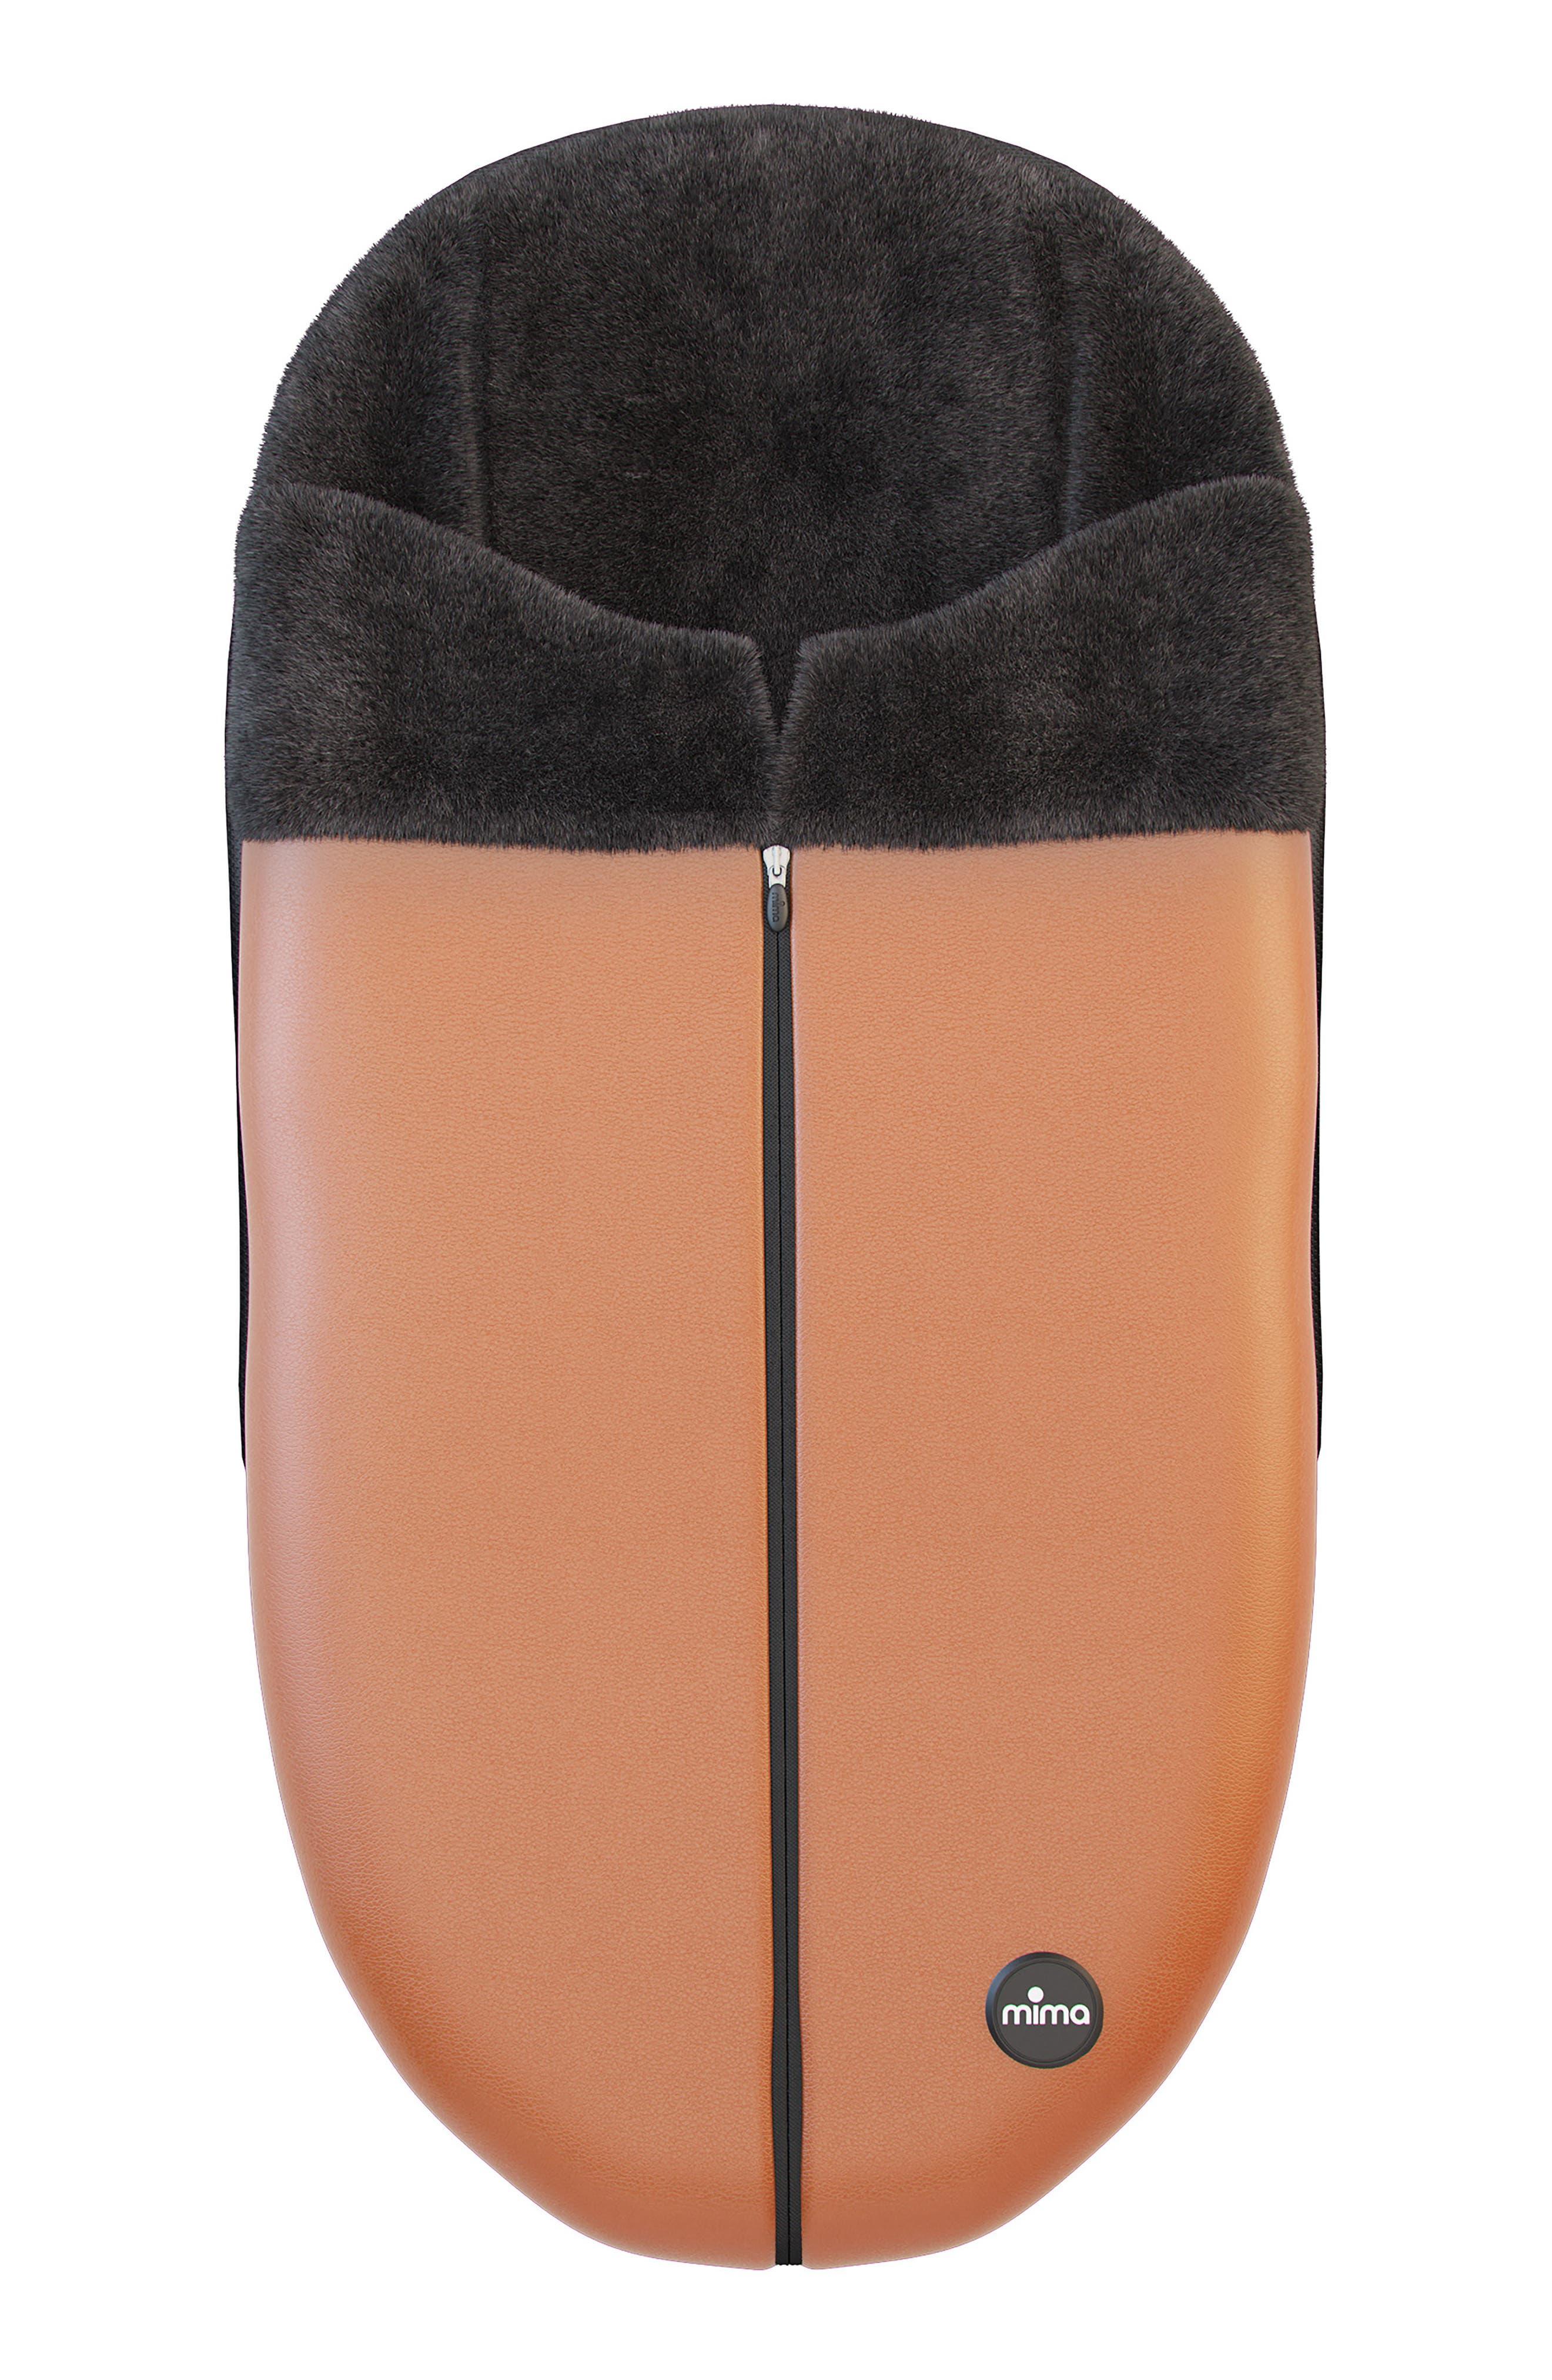 Mima Faux Leather Footmuff